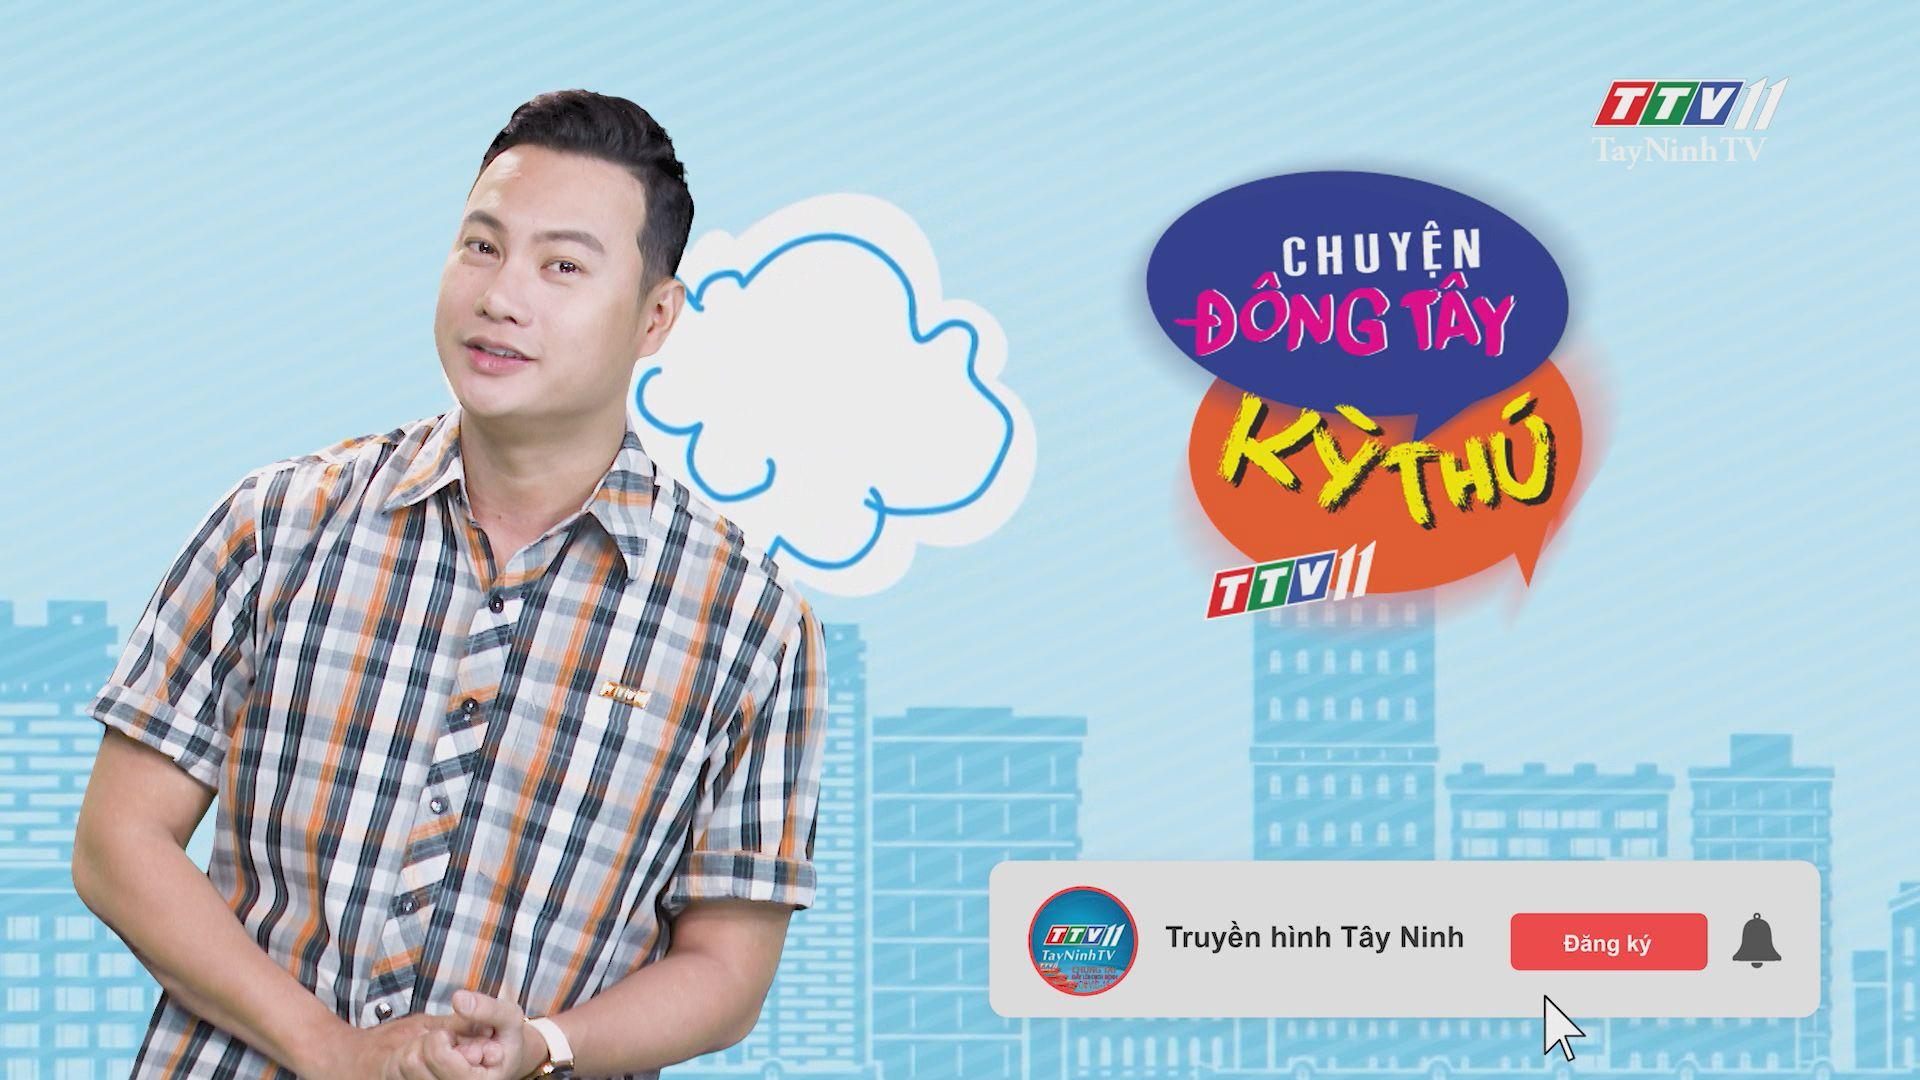 Chuyện Đông Tây Kỳ Thú 06-7-2020 | TayNinhTV